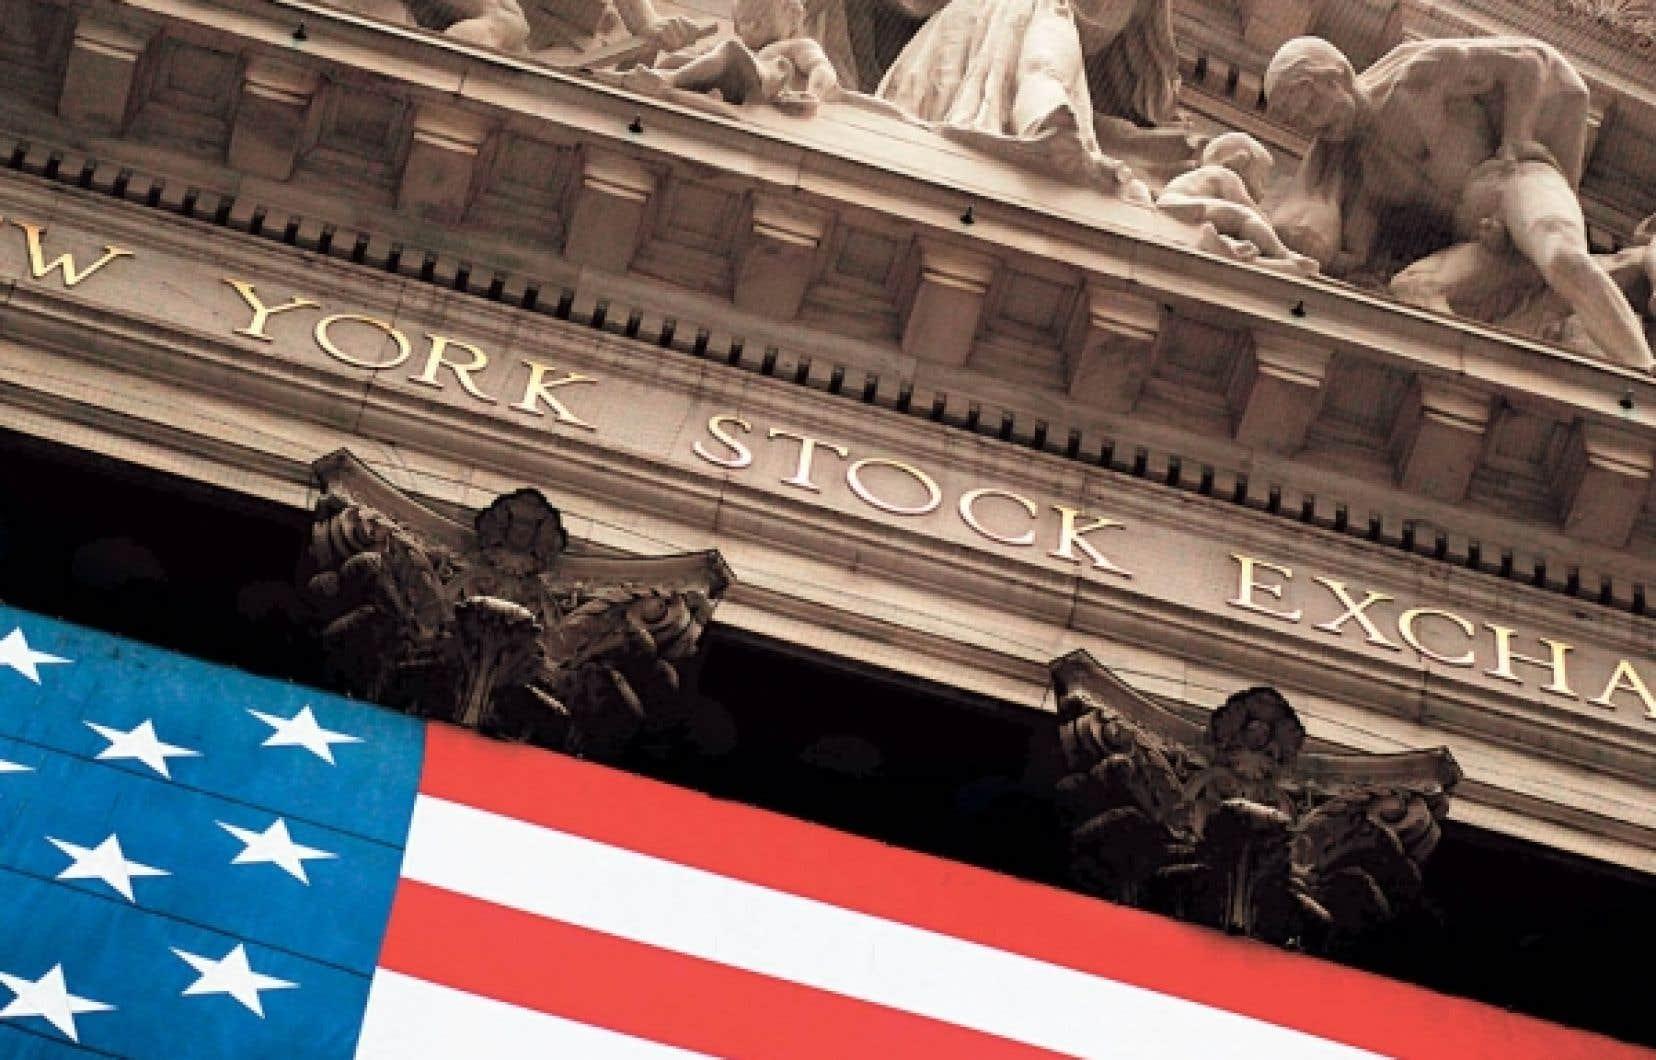 Les années récentes ont soufflé plusieurs crises, dont la plus importante, évidemment, est celle de 2008. Découlant d'une bulle immobilière et de diverses formes d'inconduite majeure à Wall Street, elle a, de l'avis de tous, été la pire des 80 dernières années.